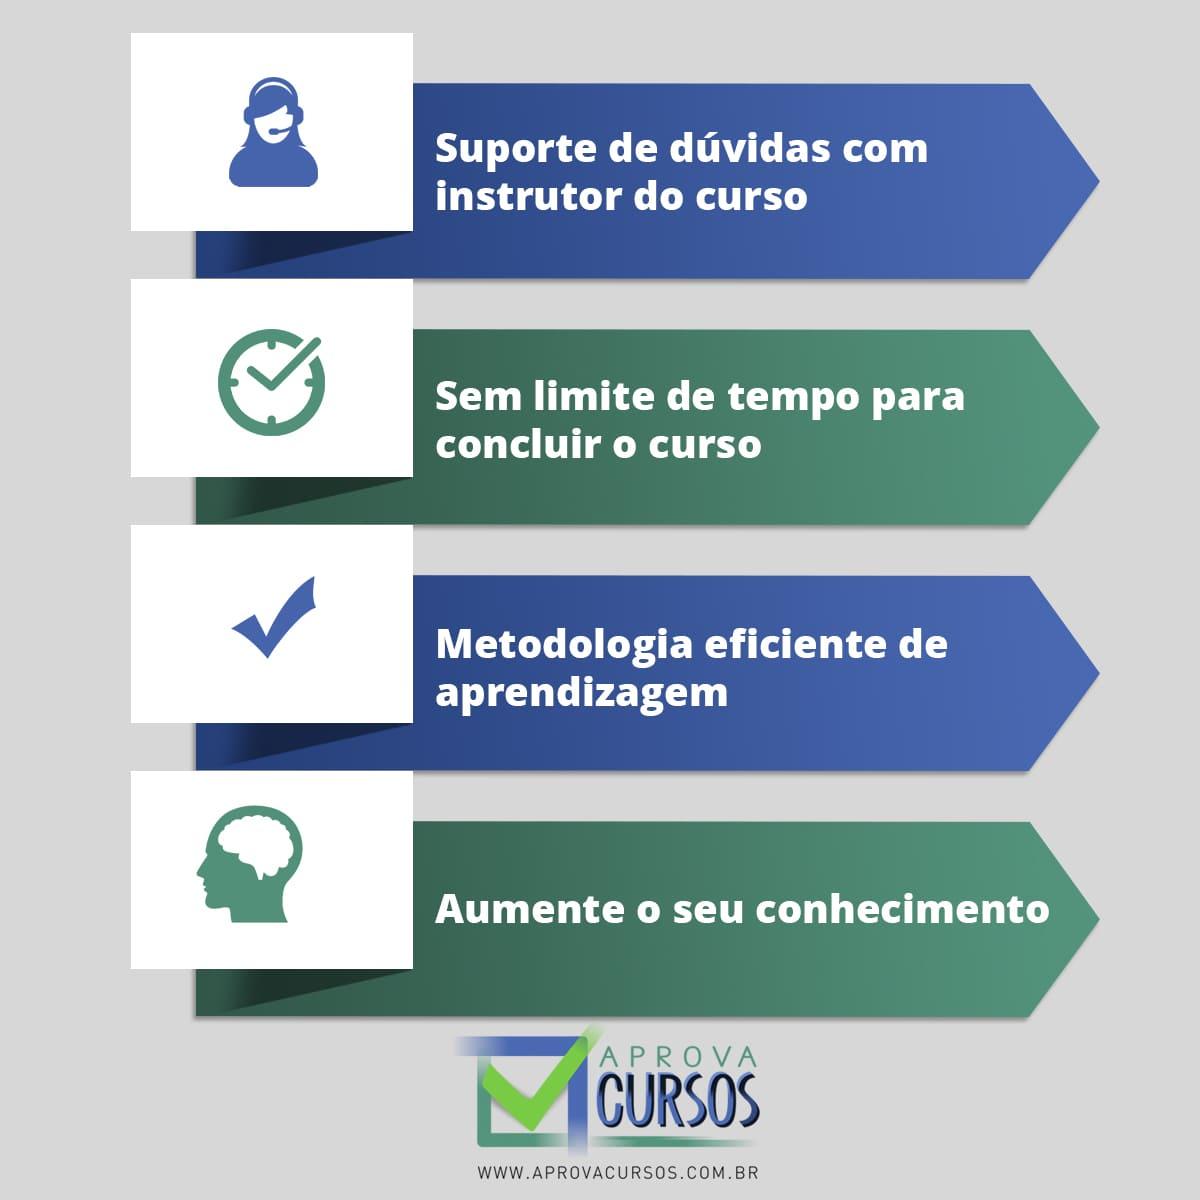 Curso Online sobre Folha de Pagamento na Prática com Certificado  - Aprova Cursos